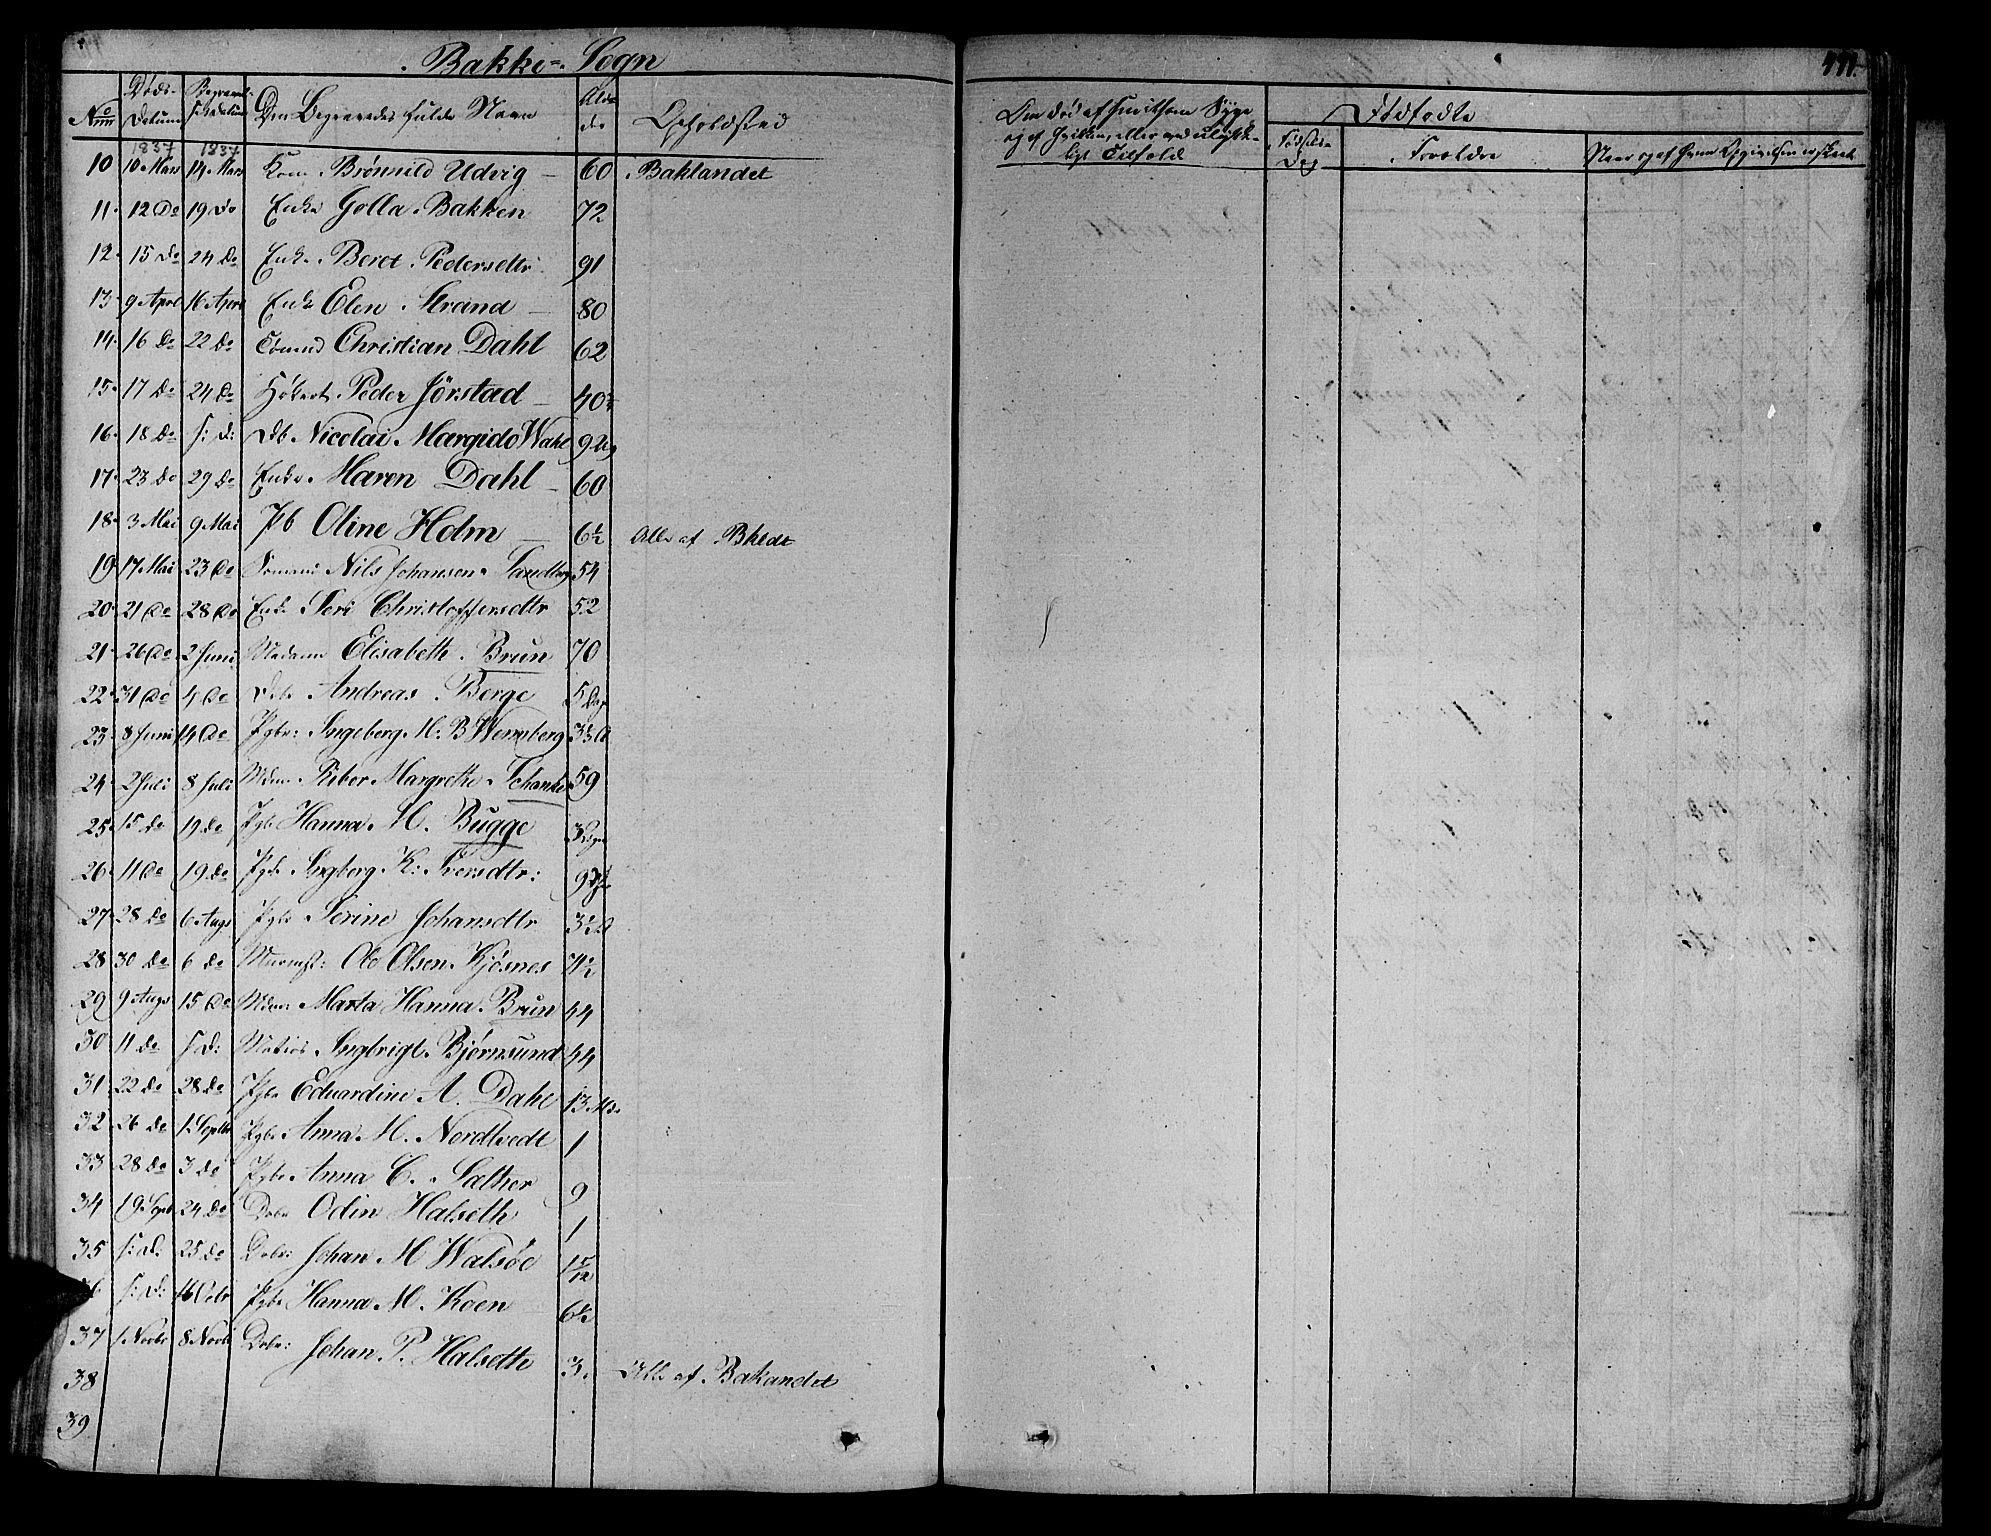 SAT, Ministerialprotokoller, klokkerbøker og fødselsregistre - Sør-Trøndelag, 606/L0287: Ministerialbok nr. 606A04 /2, 1826-1840, s. 491